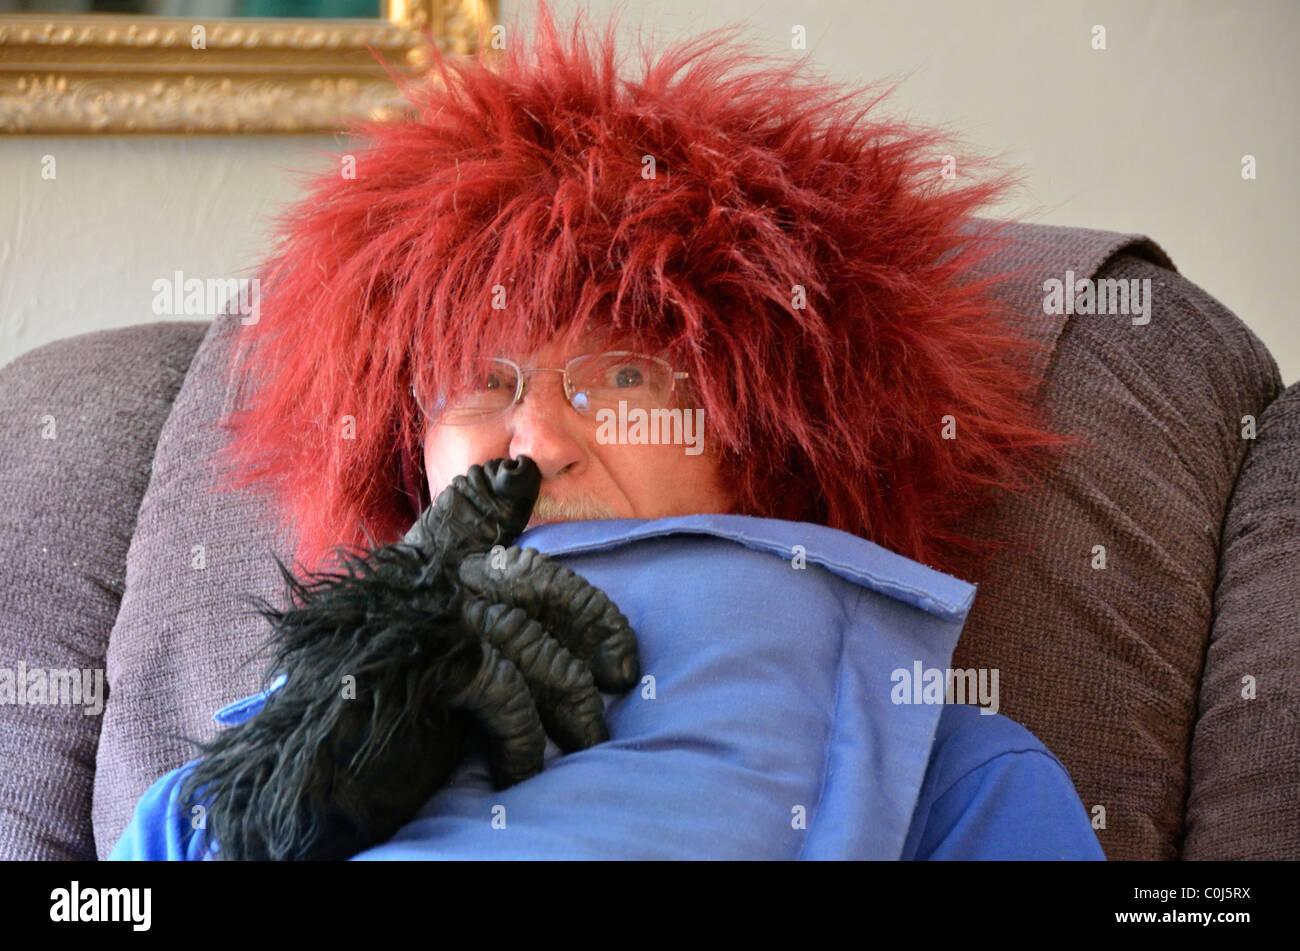 Un uomo anziano agisce silly mettendo su una rossa parrucca fuzzy. Stati Uniti d'America. Foto Stock